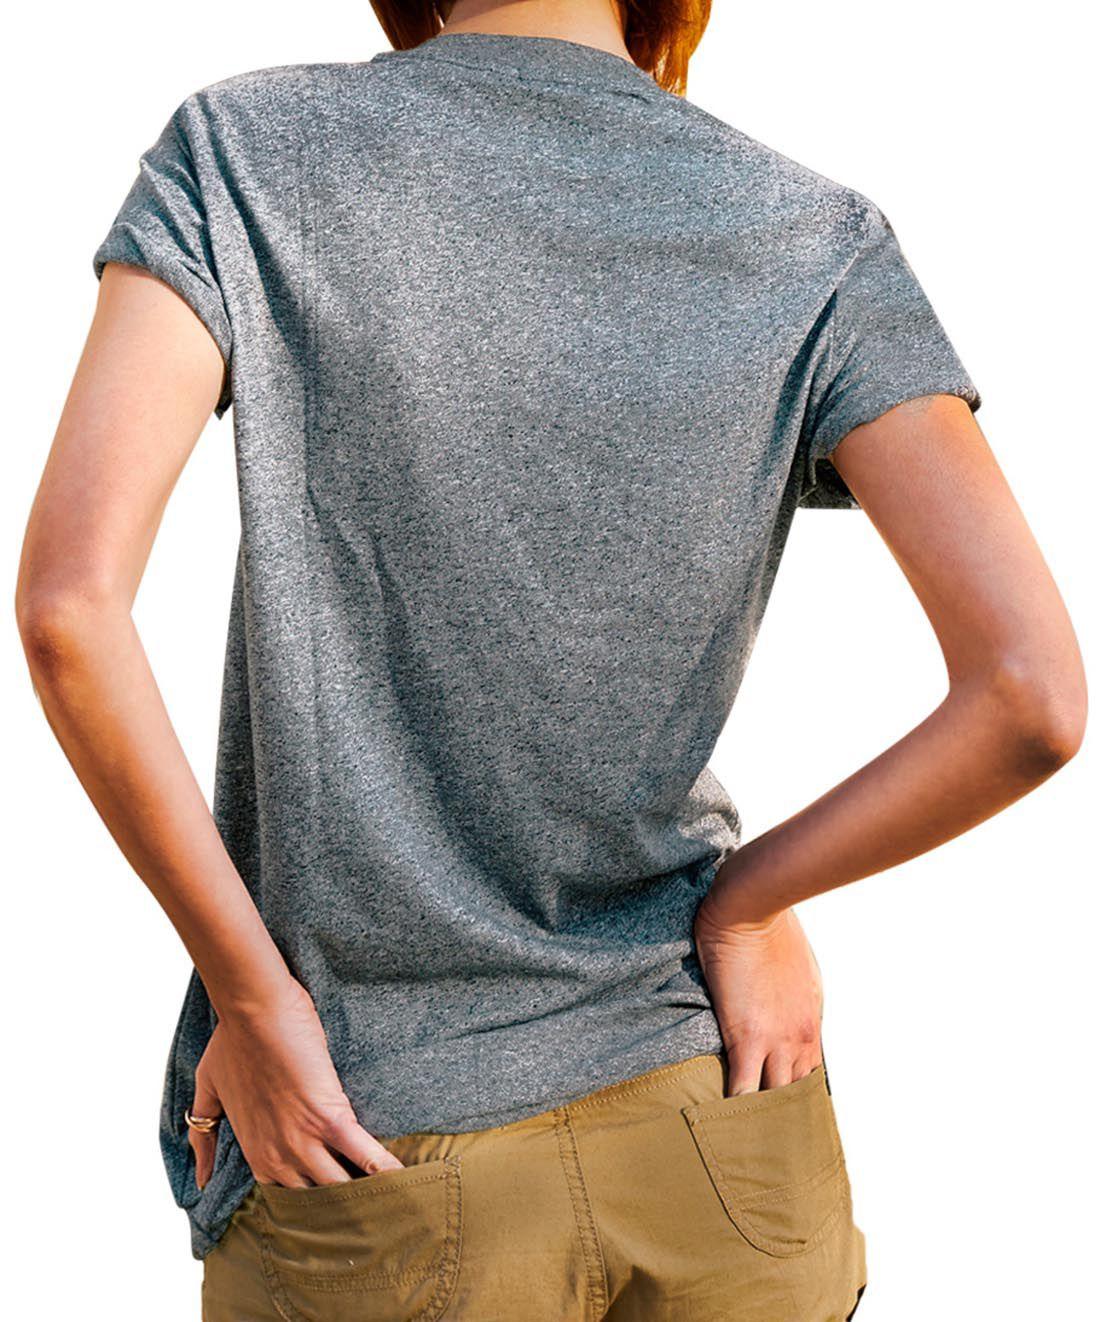 Blusa Outlet Dri T-Shirt Estampada Código De Barra De Paisagem Cinza